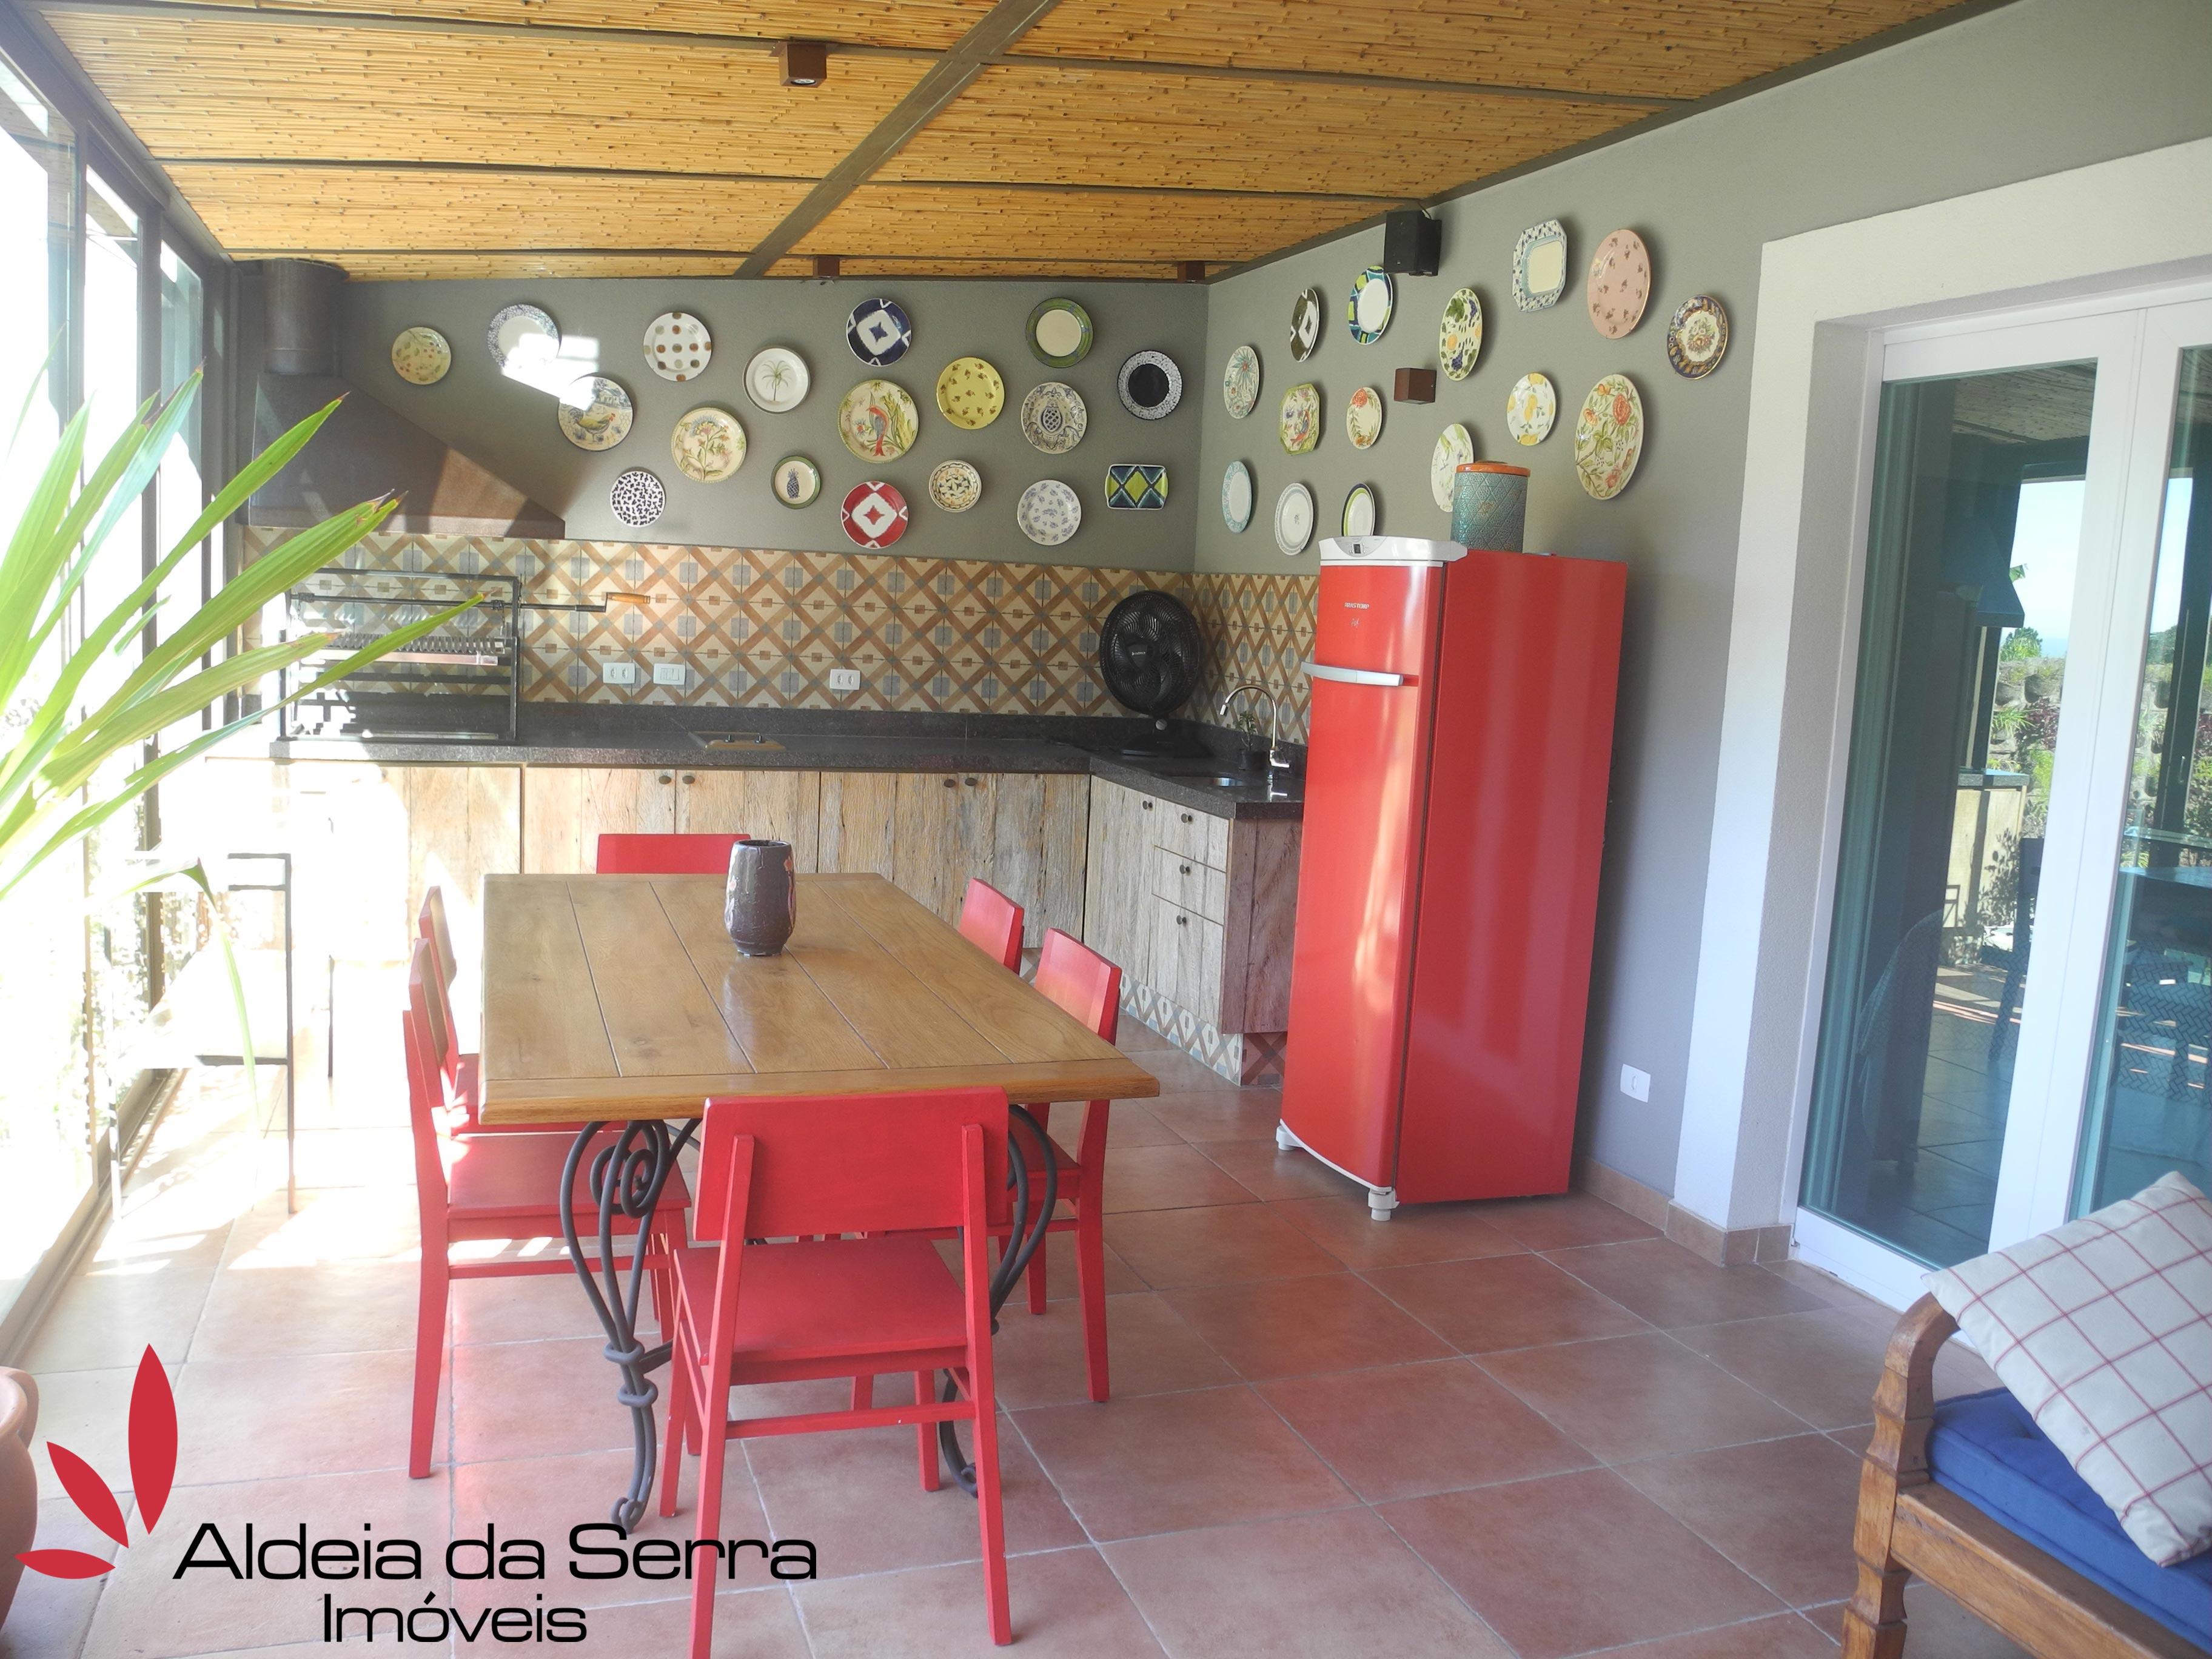 /admin/imoveis/fotos/Morada-dos-lagos-aldeia-da-serra-venda-jpg29.jpg Aldeia da Serra Imoveis